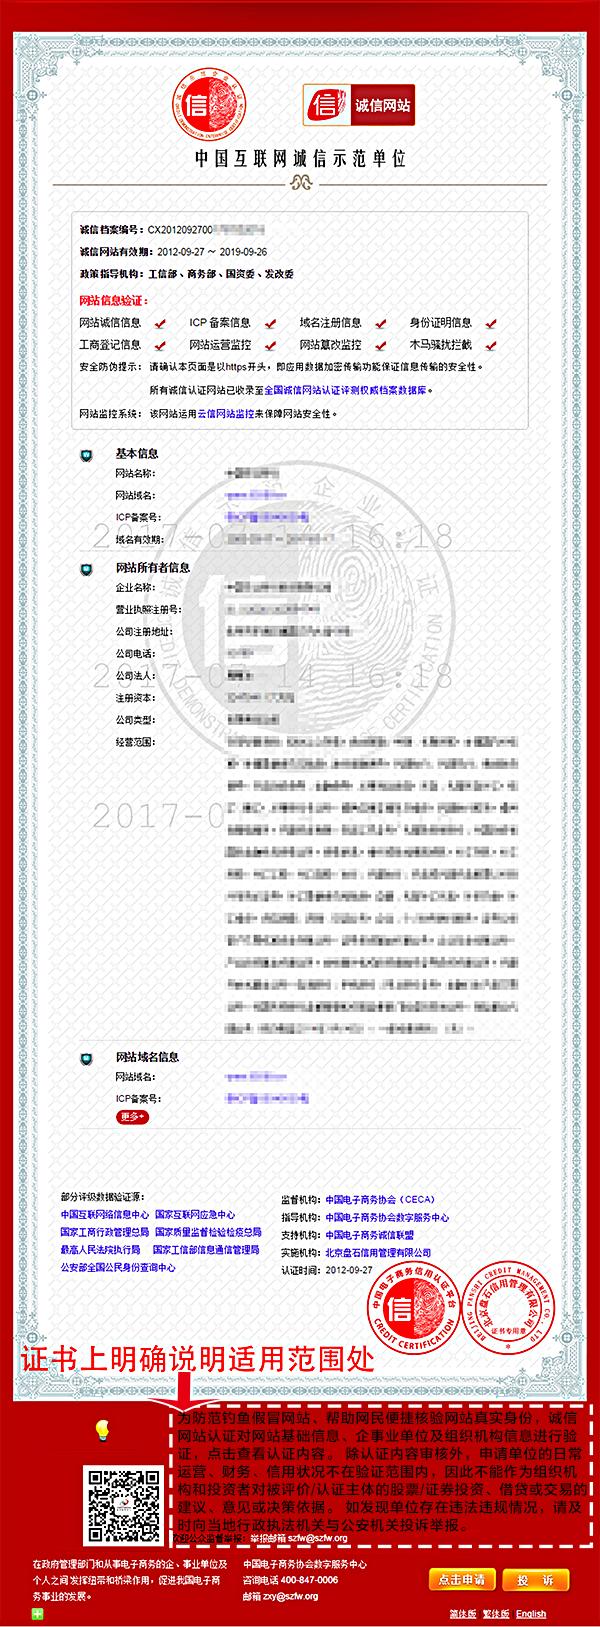 证书27.png